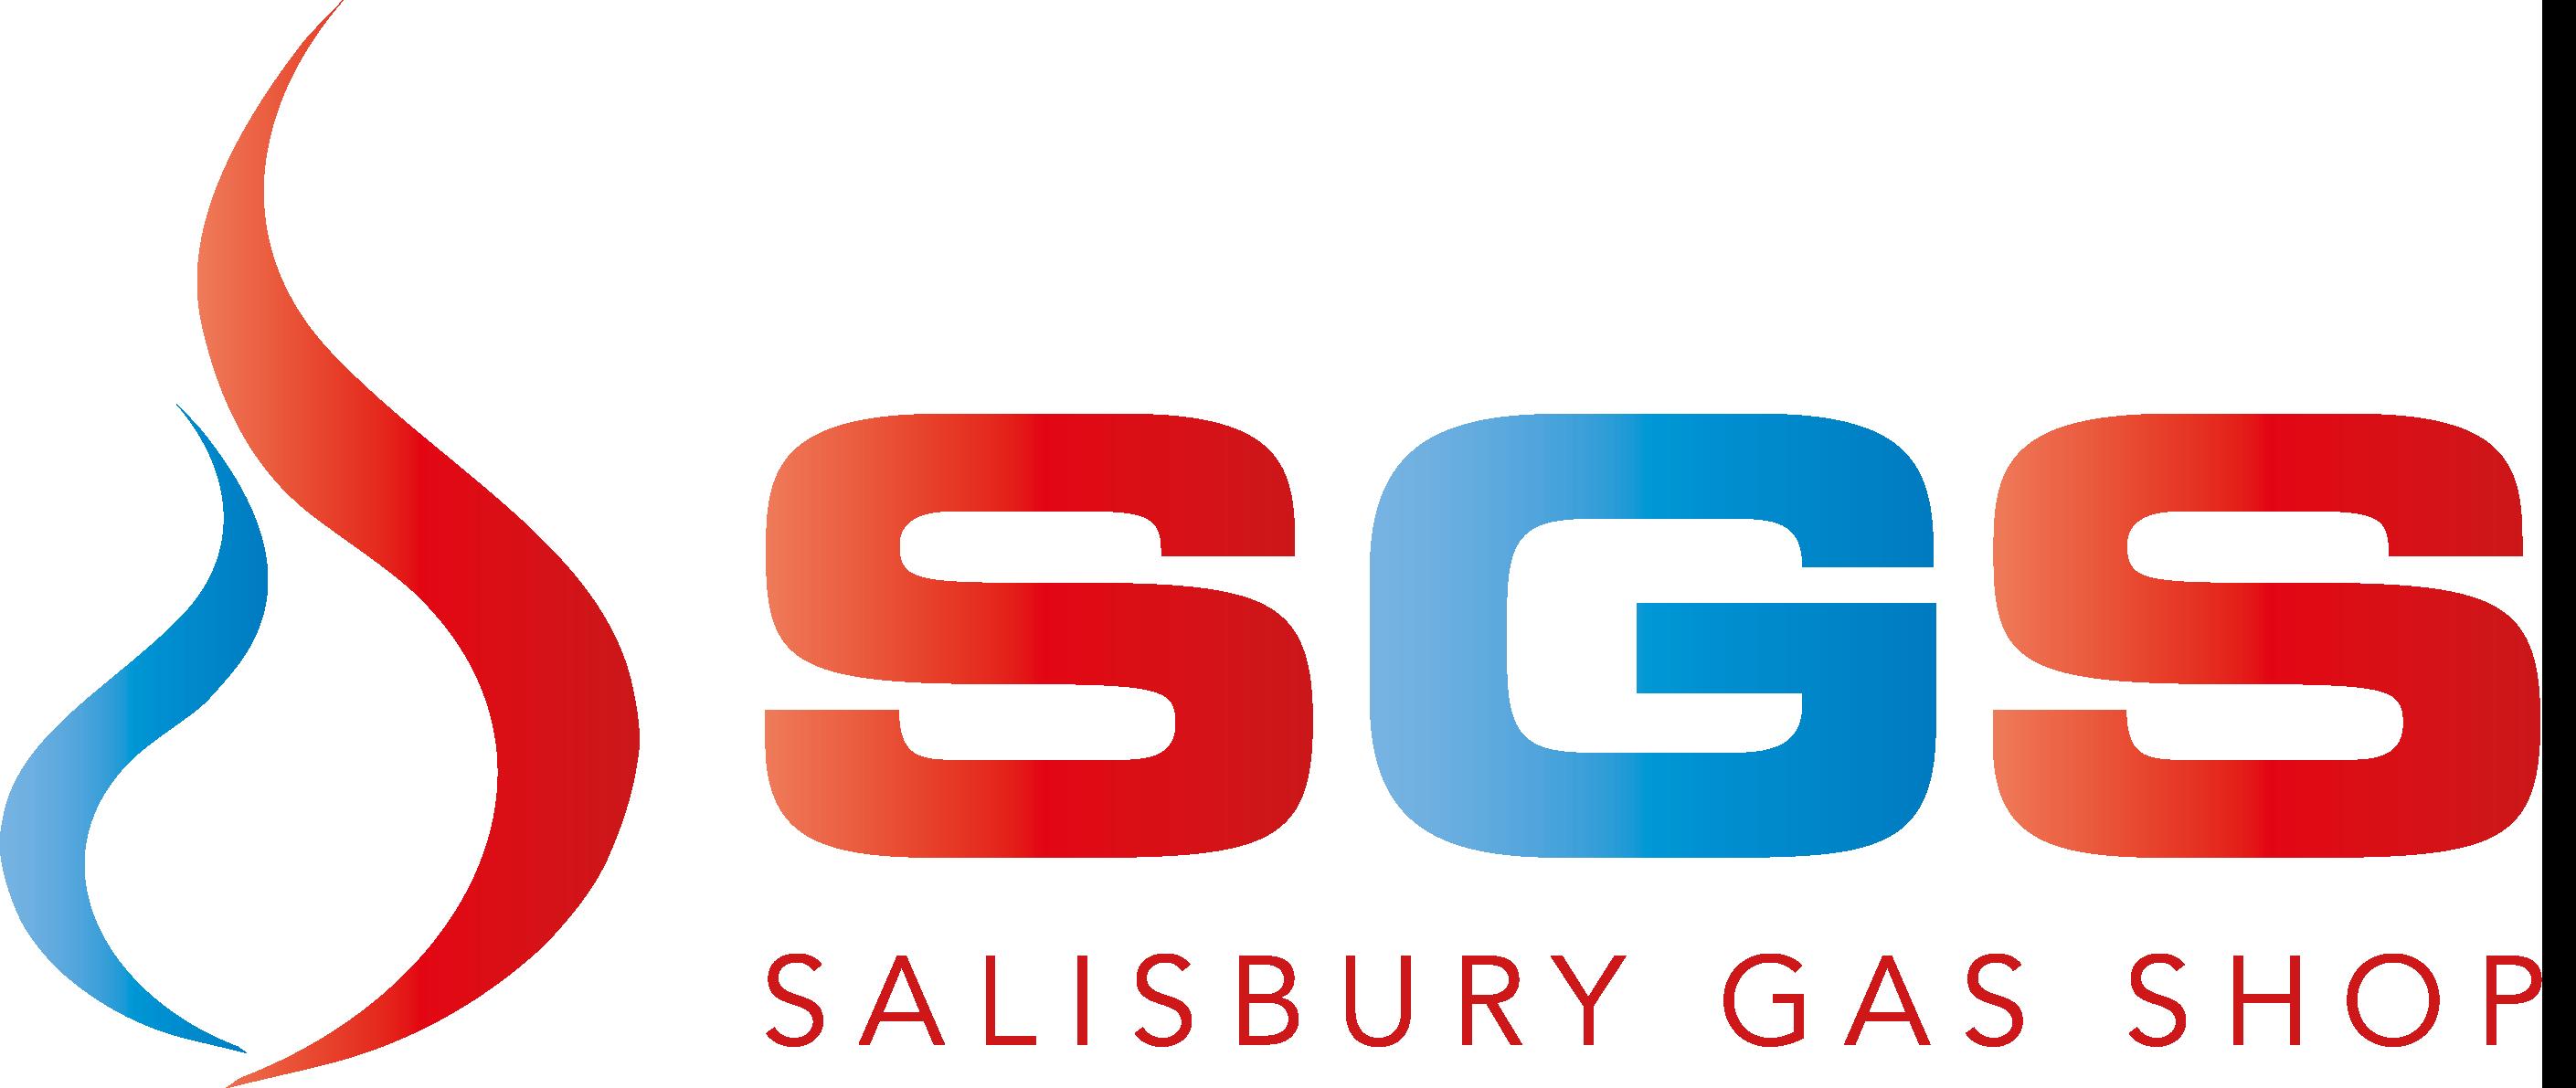 Salisbury Gas Shop Logo